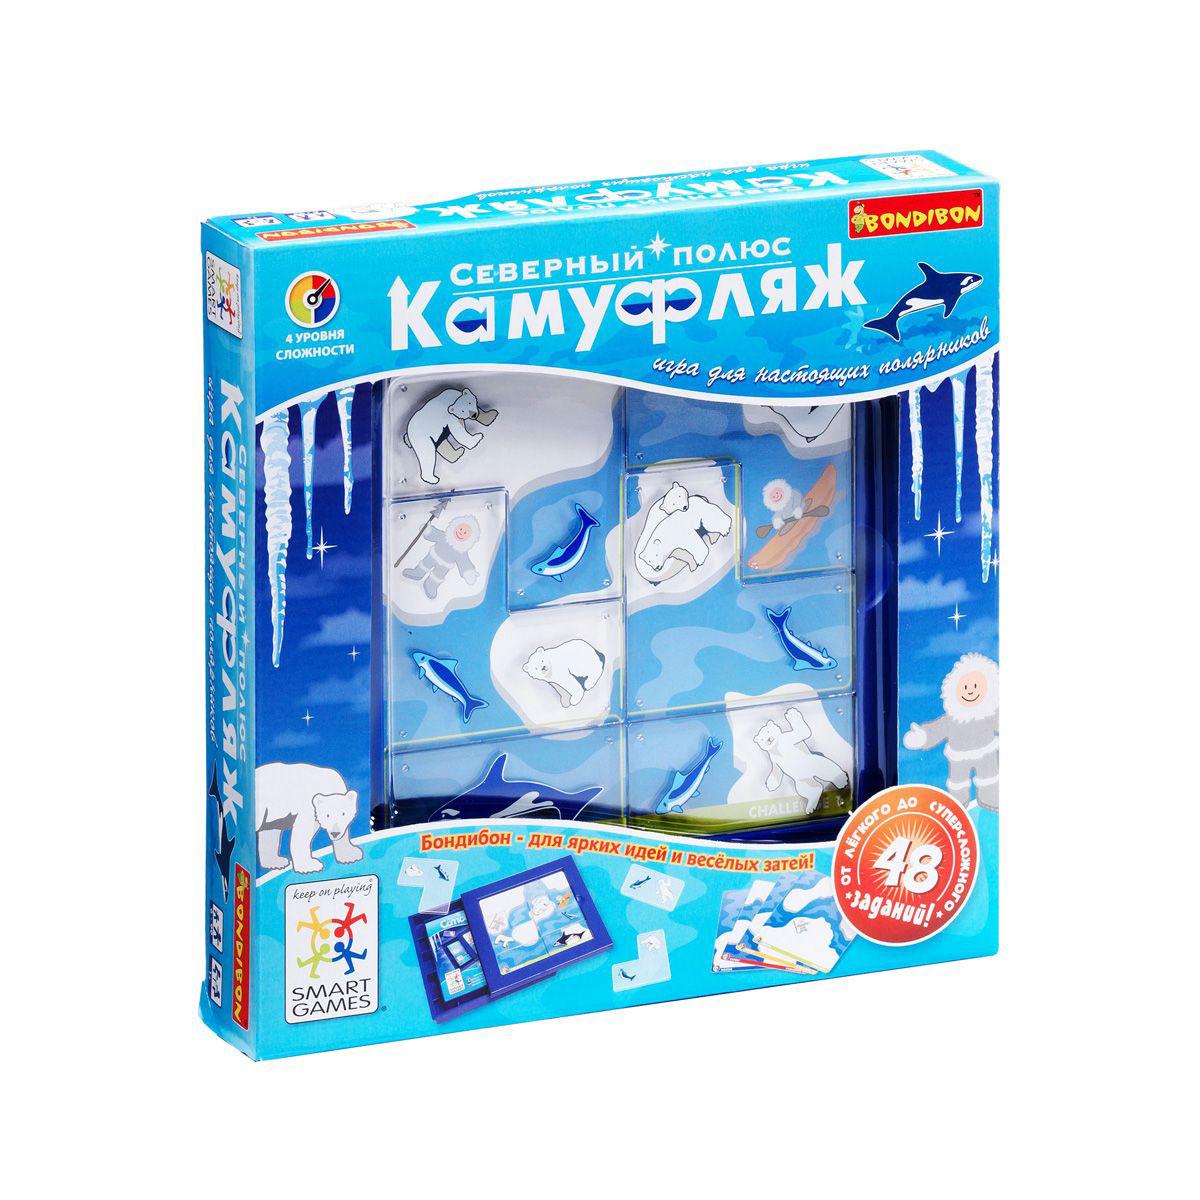 Логическая игра Bondibon SmartGames Камуфляж. Северный полюс bondibon камуфляж северный полюс